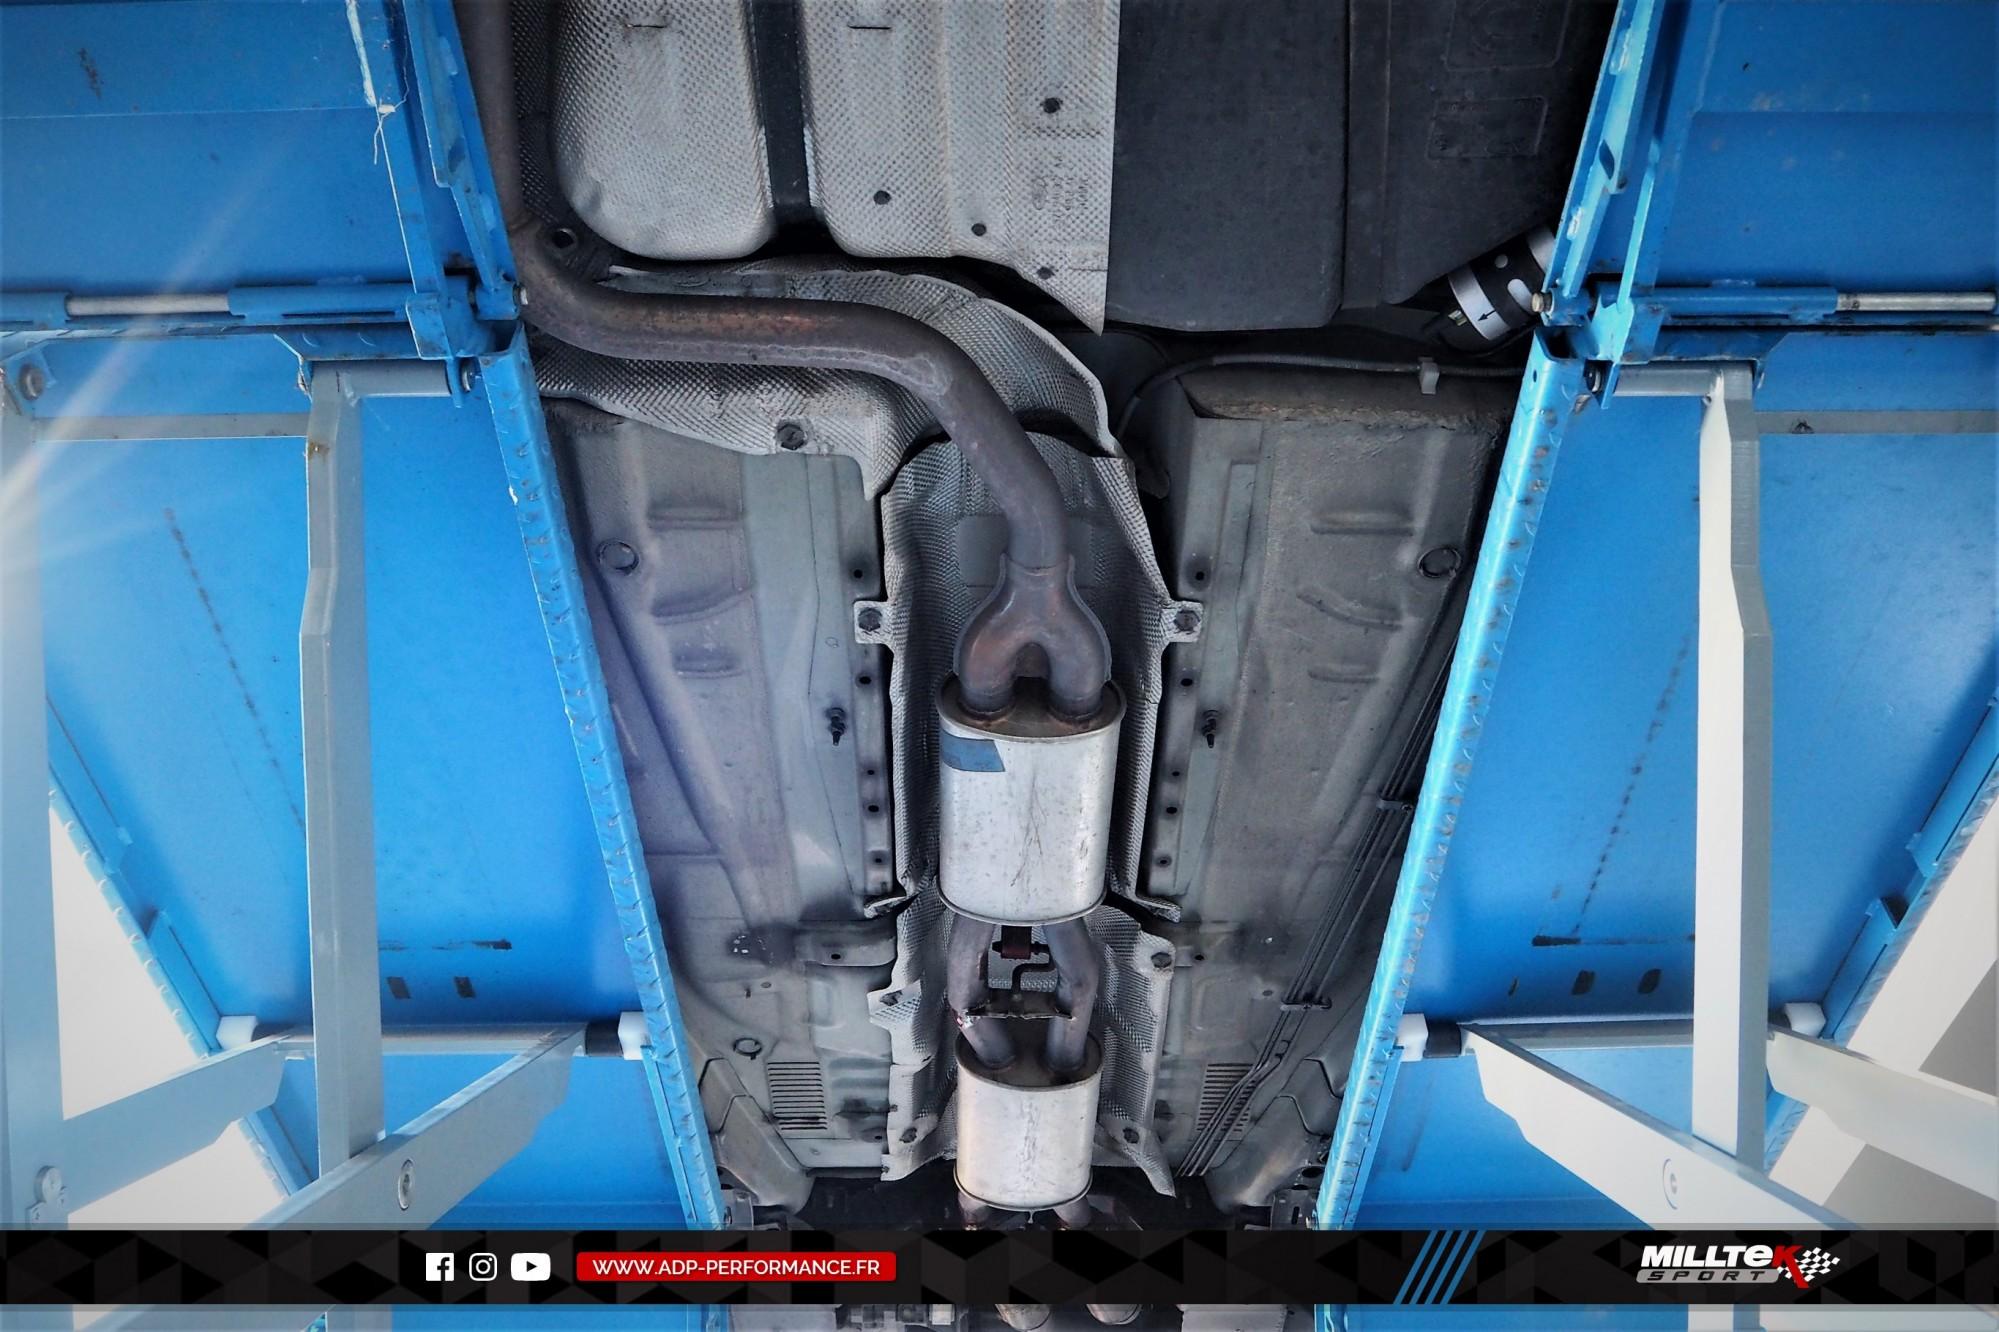 Ligne d'échappement (cat-back) Milltek Avignon - Ford Mondeo ST220 - ADP Performance